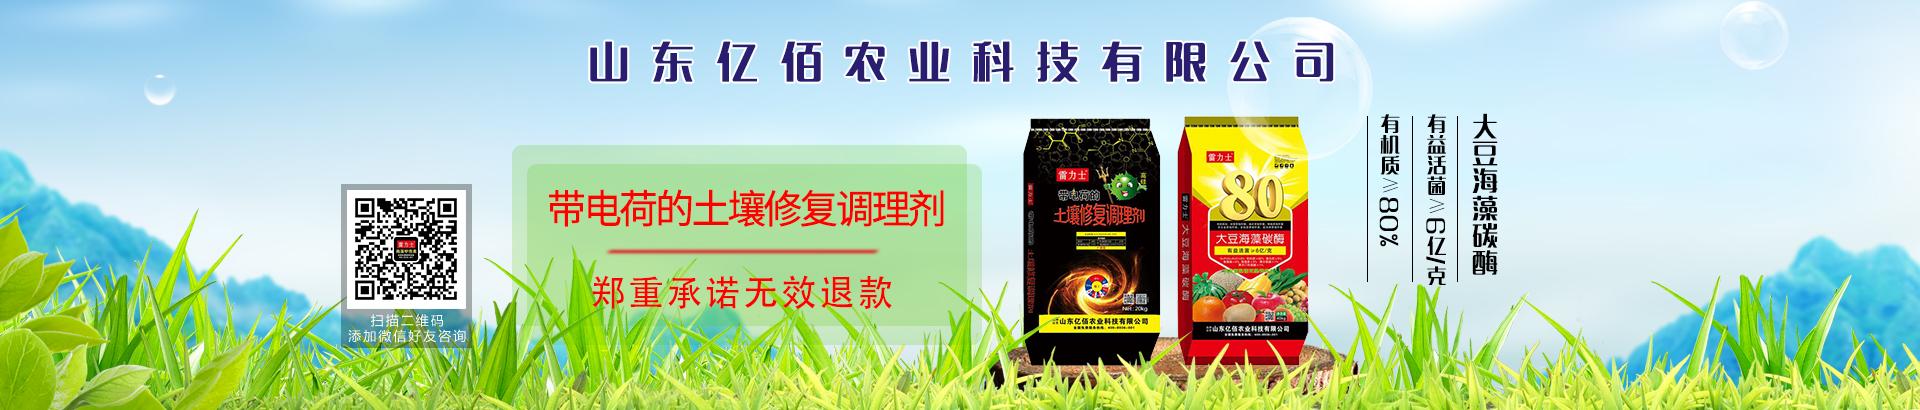 山东亿佰农业科技有限公司